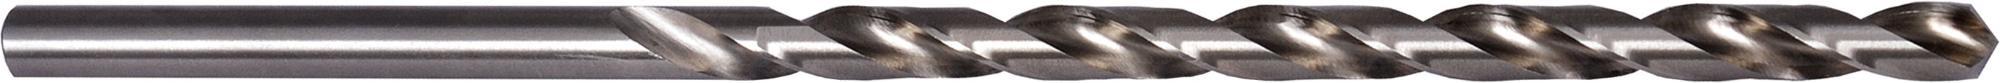 Špirálový vrták HSSG DIN 1869 6,0x205 mm